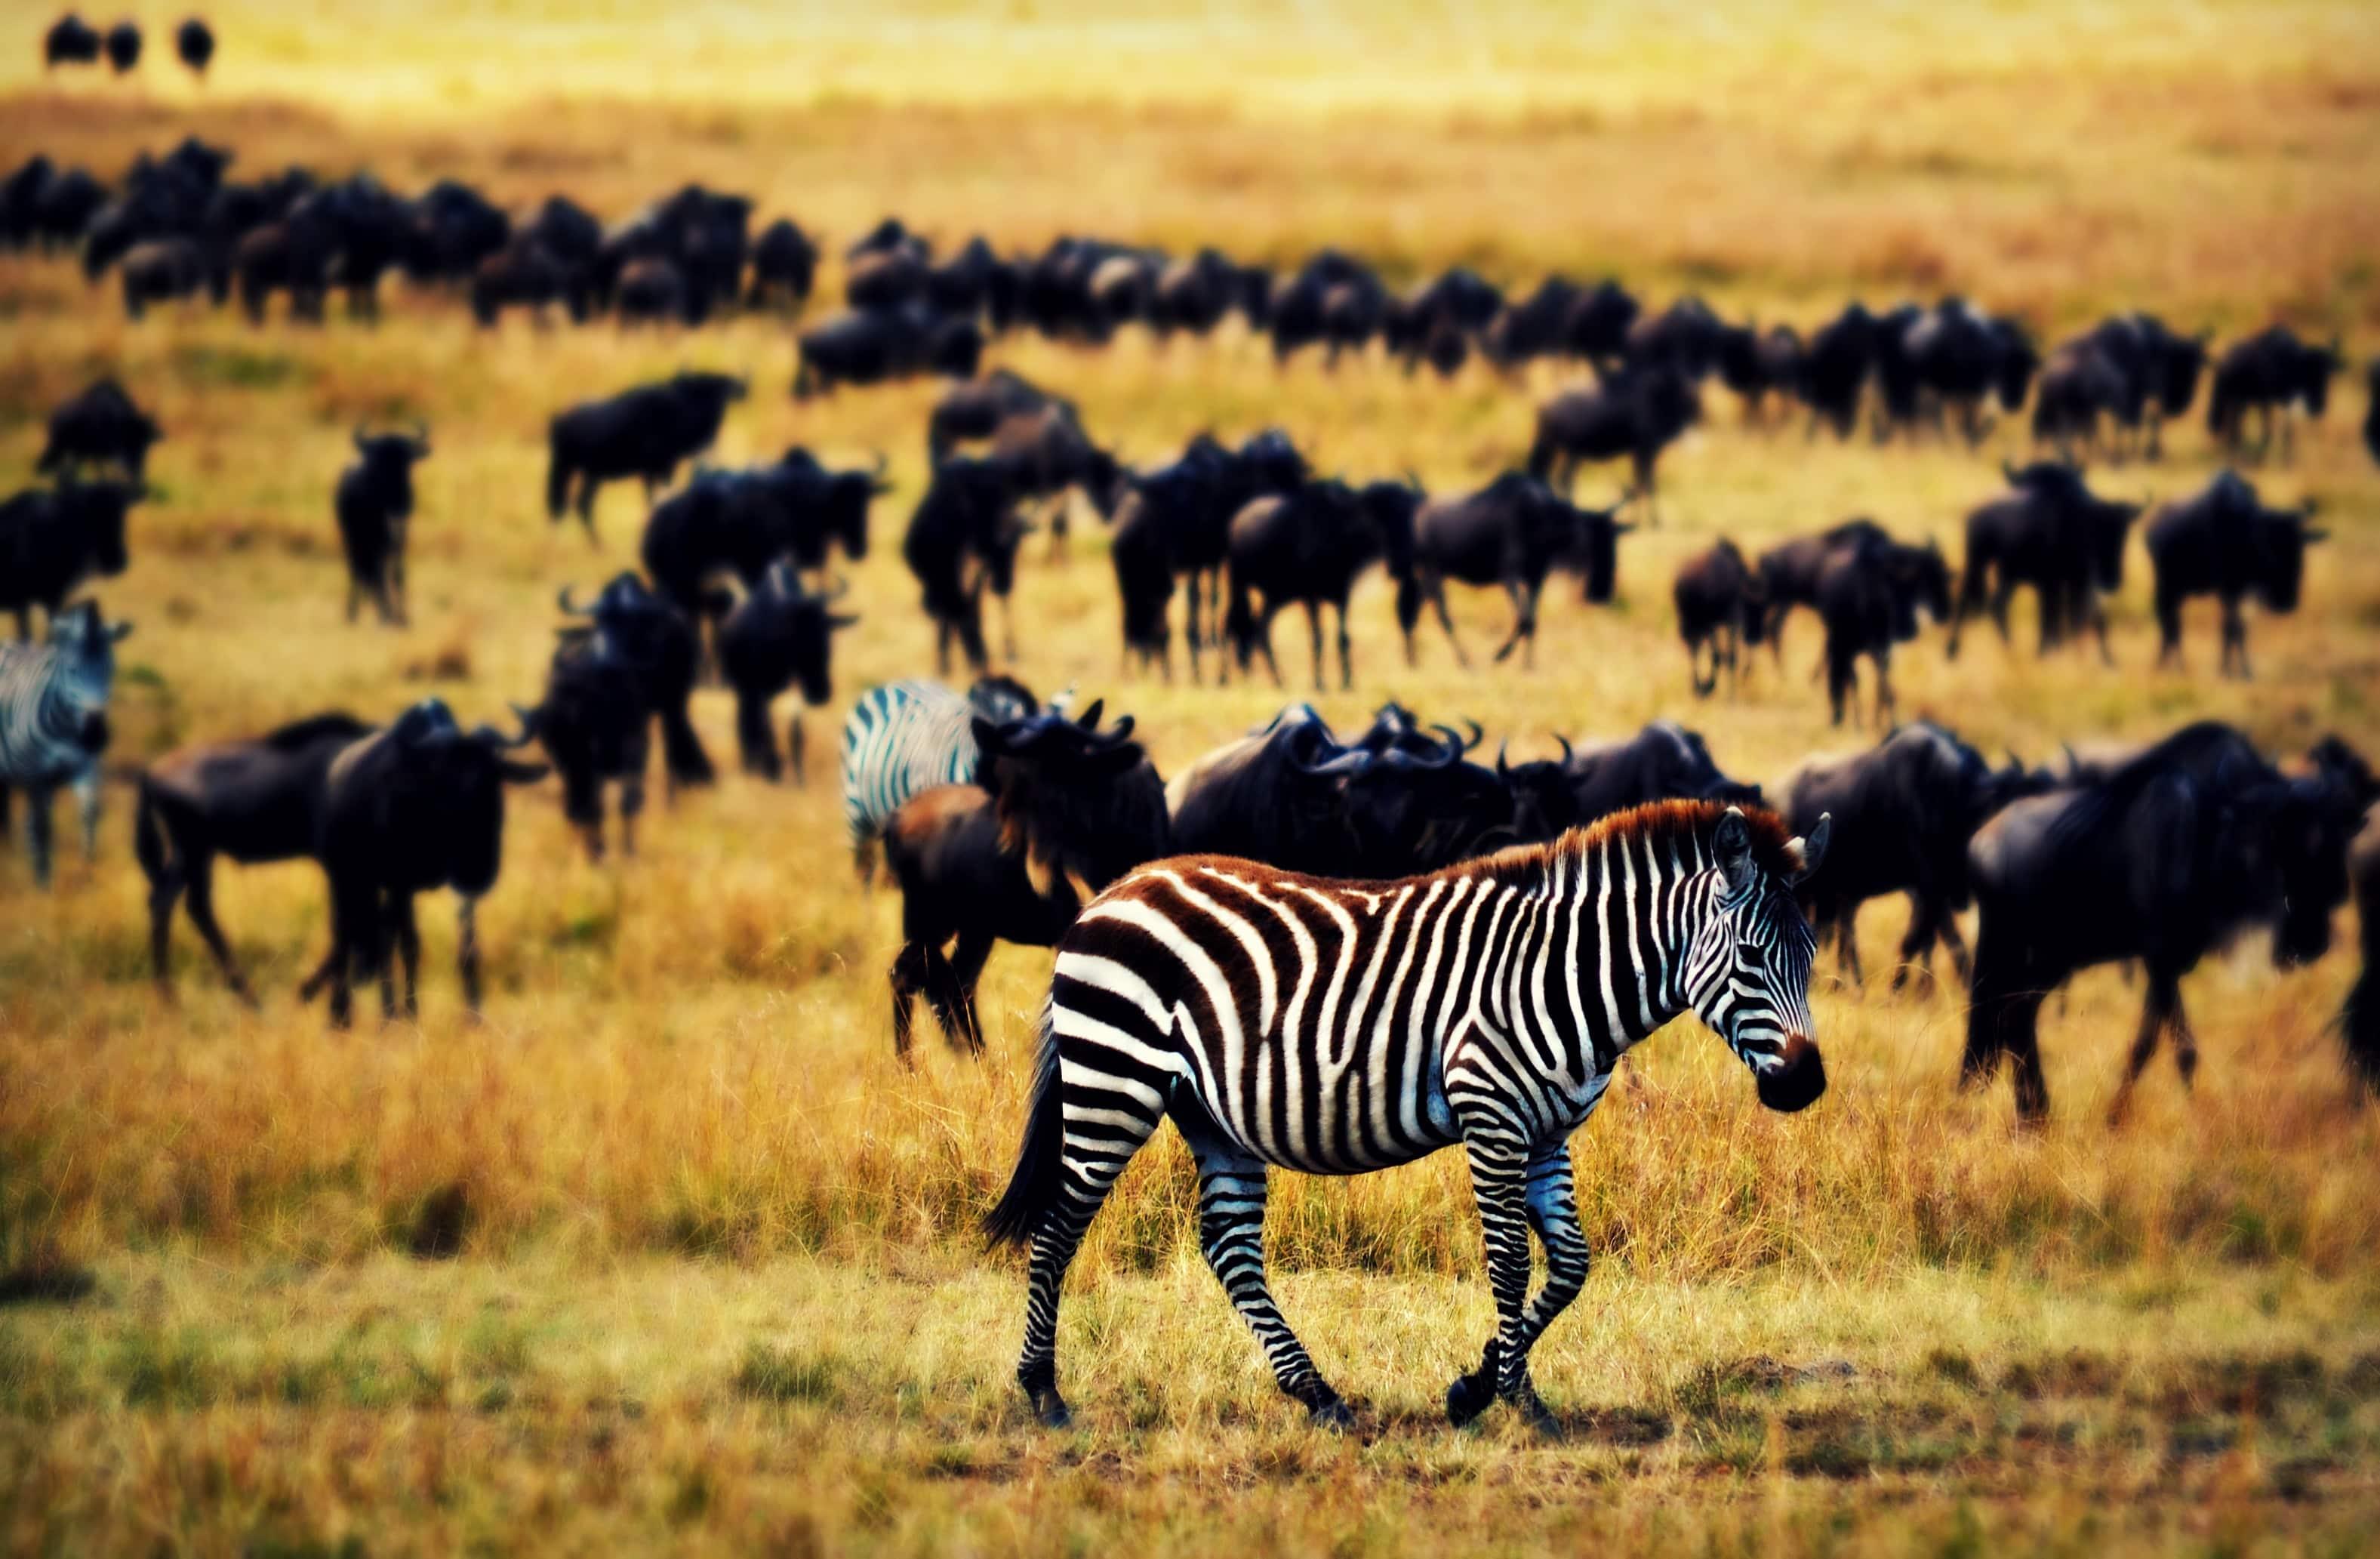 The Lone Zebra